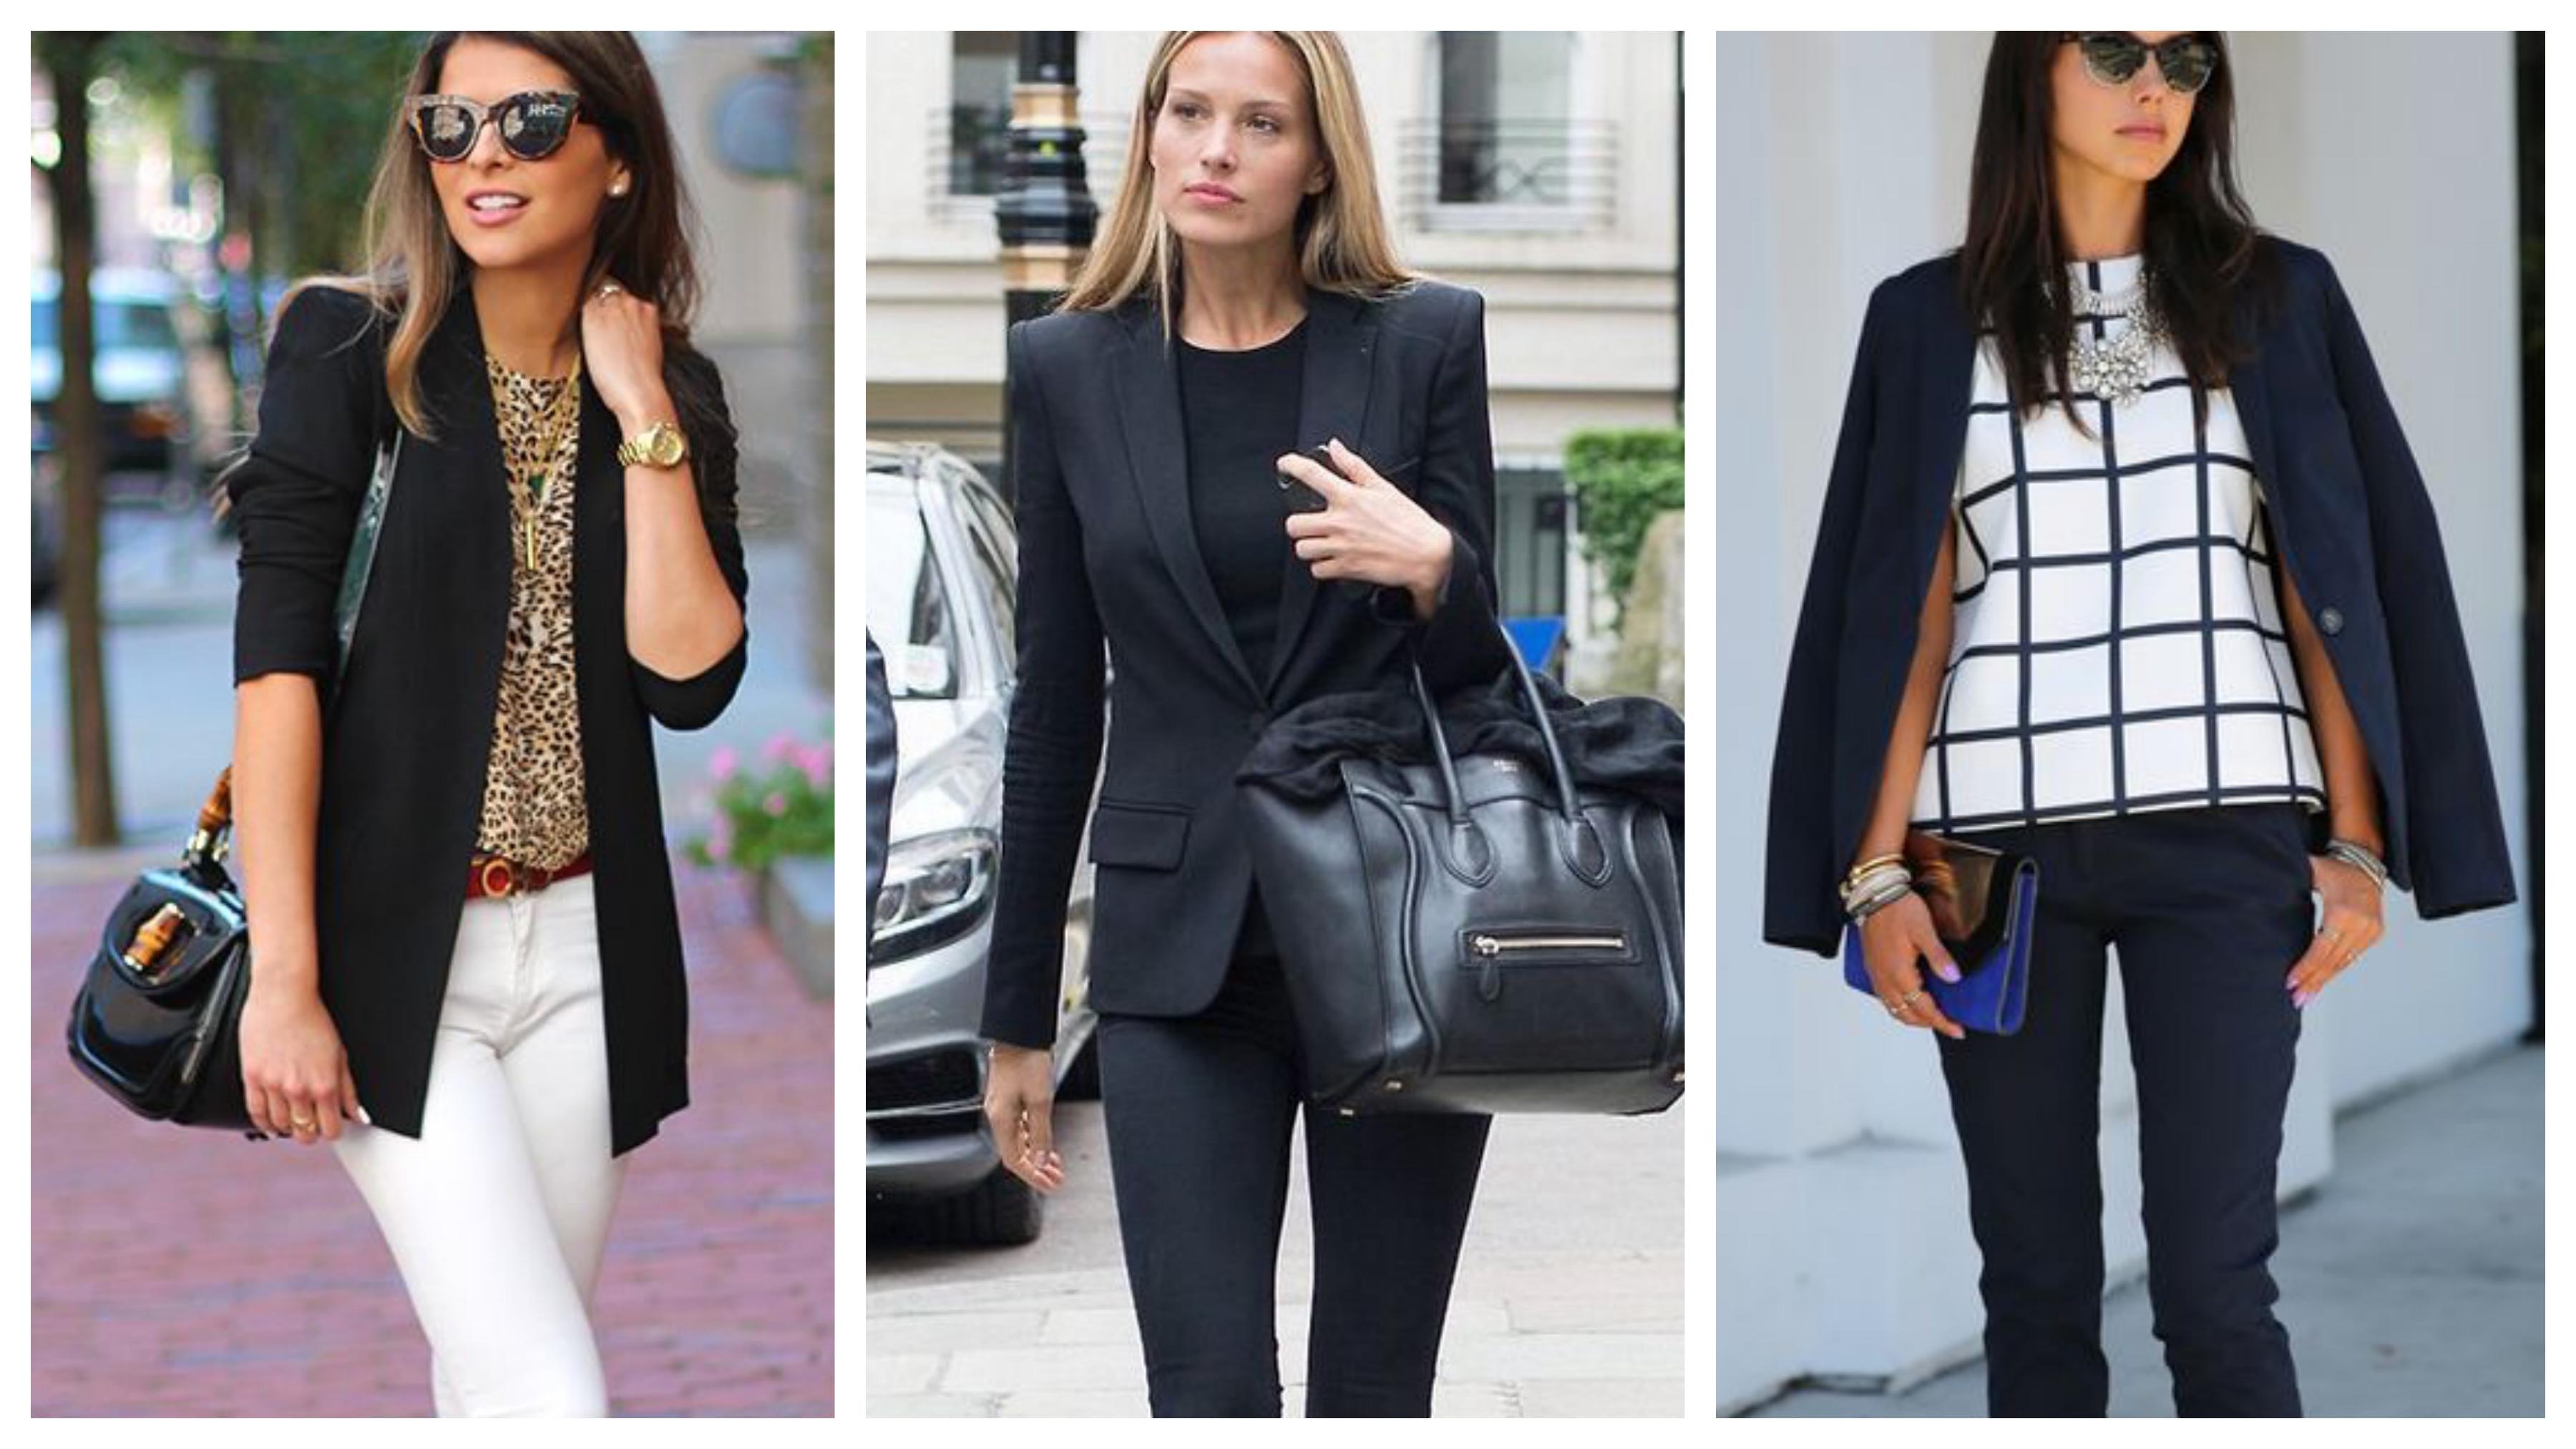 Черный женский пиджак с блузой